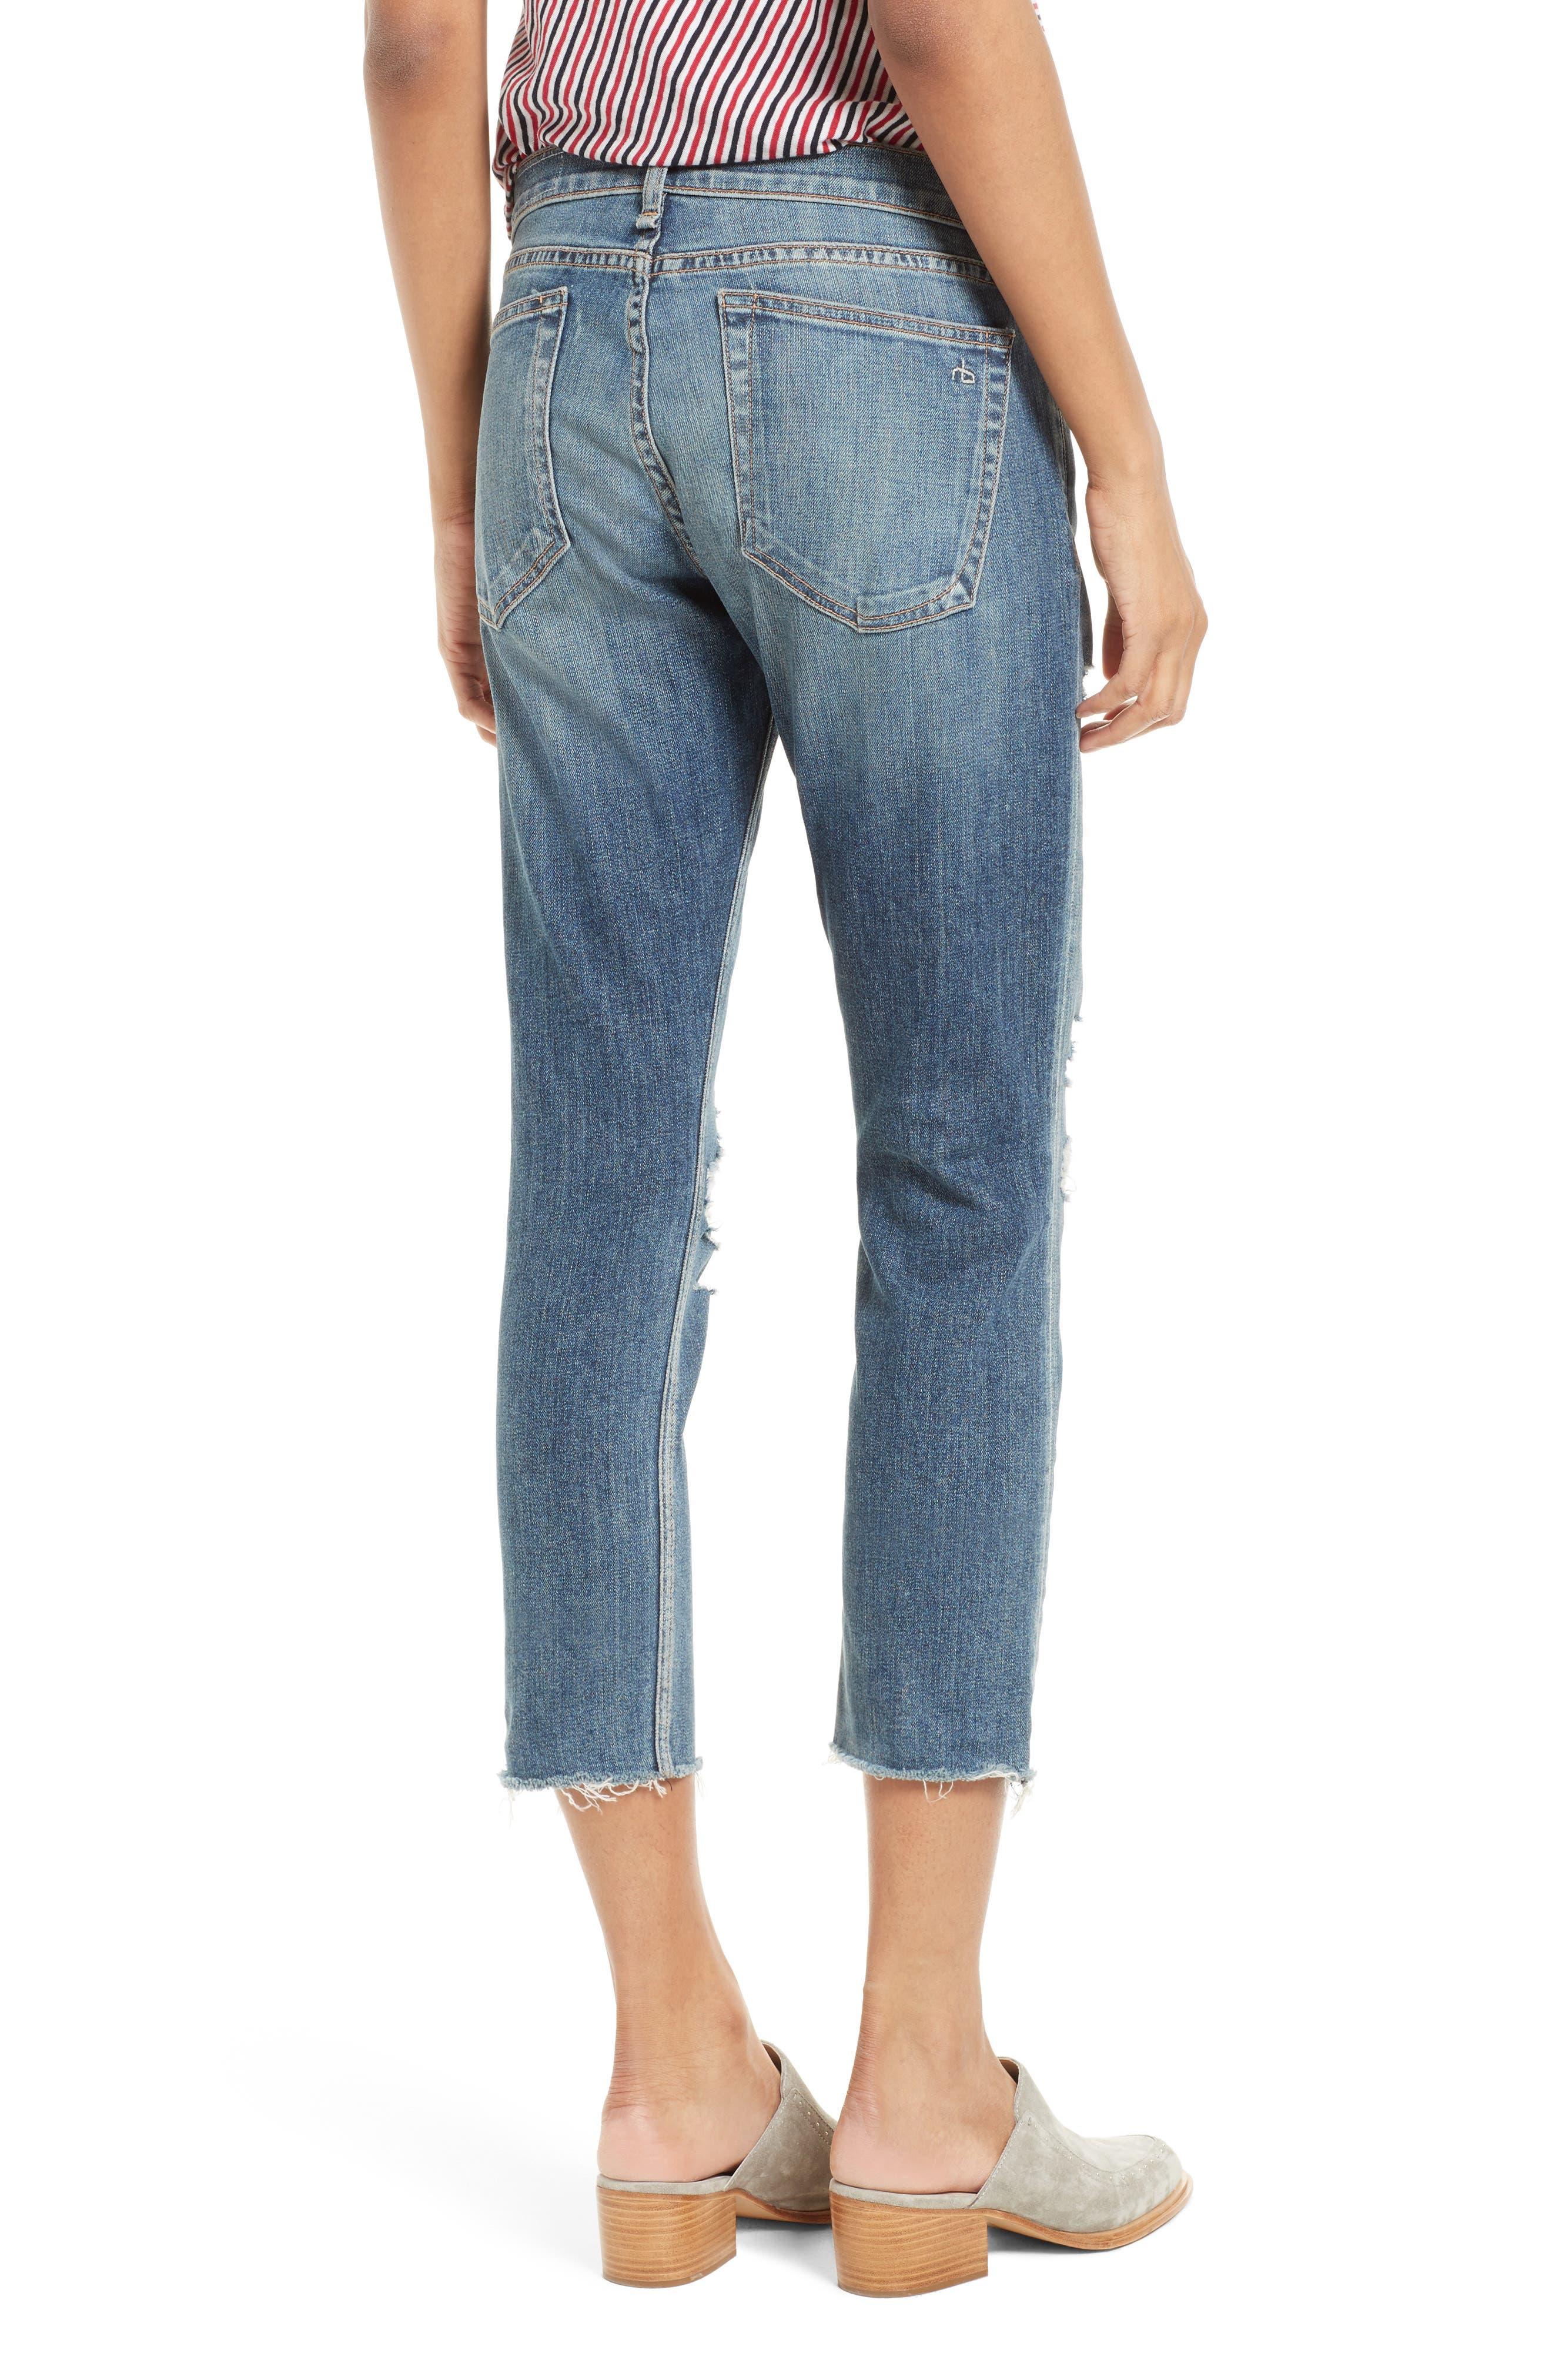 Alternate Image 2  - rag & bone/JEAN The Dre Capri Slim Boyfriend Jeans (Delamo)